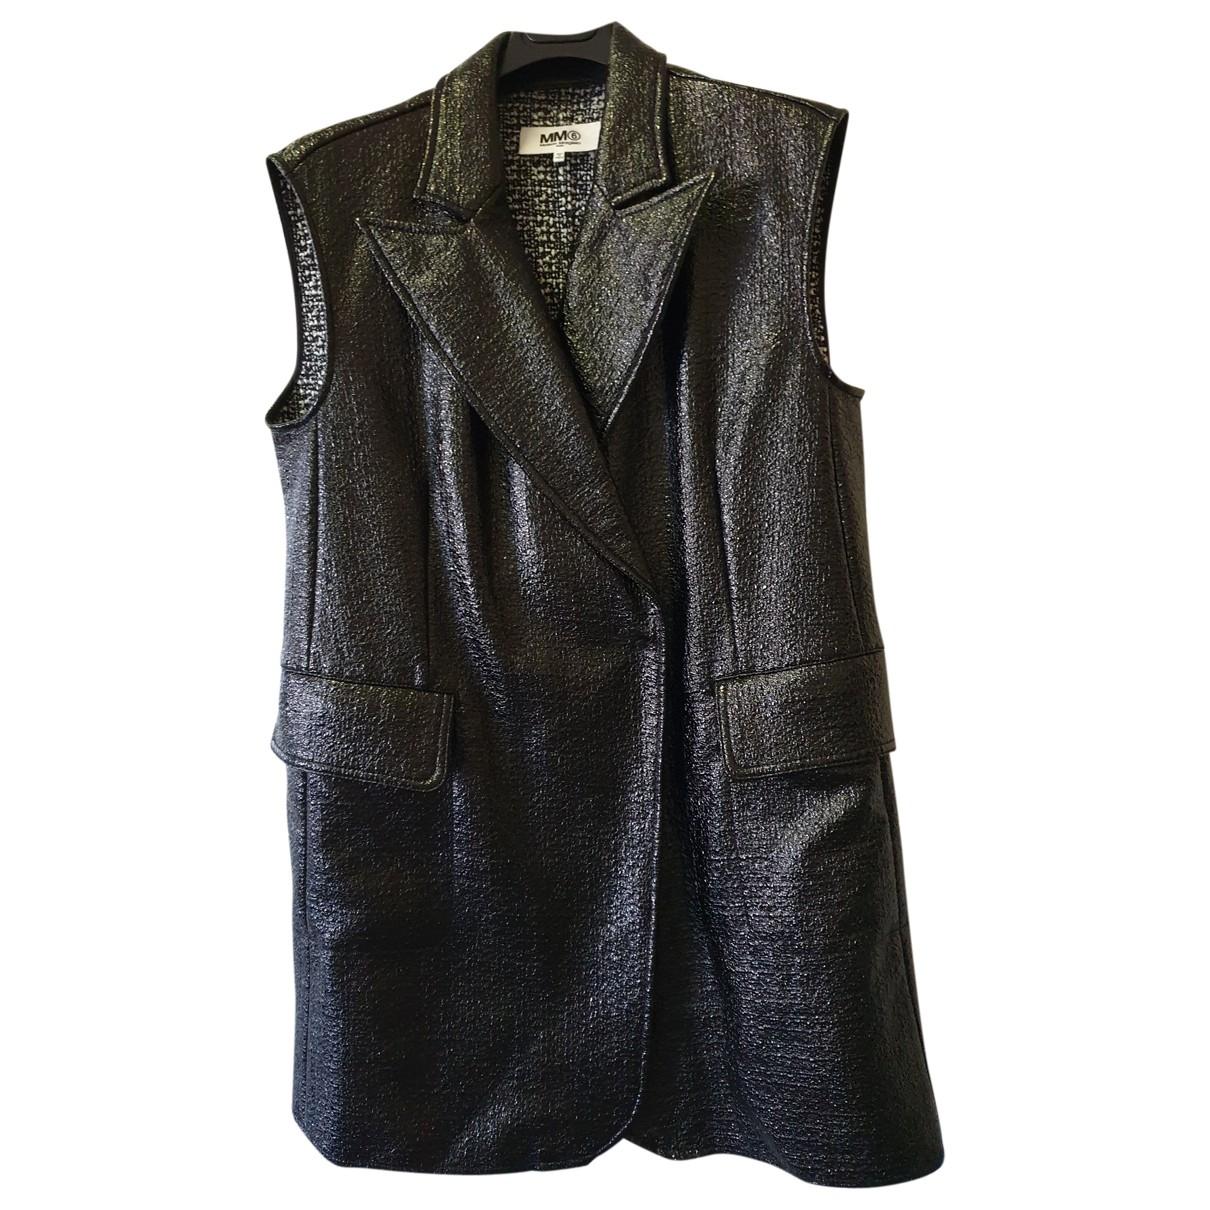 Mm6 \N Black jacket for Women 40 IT